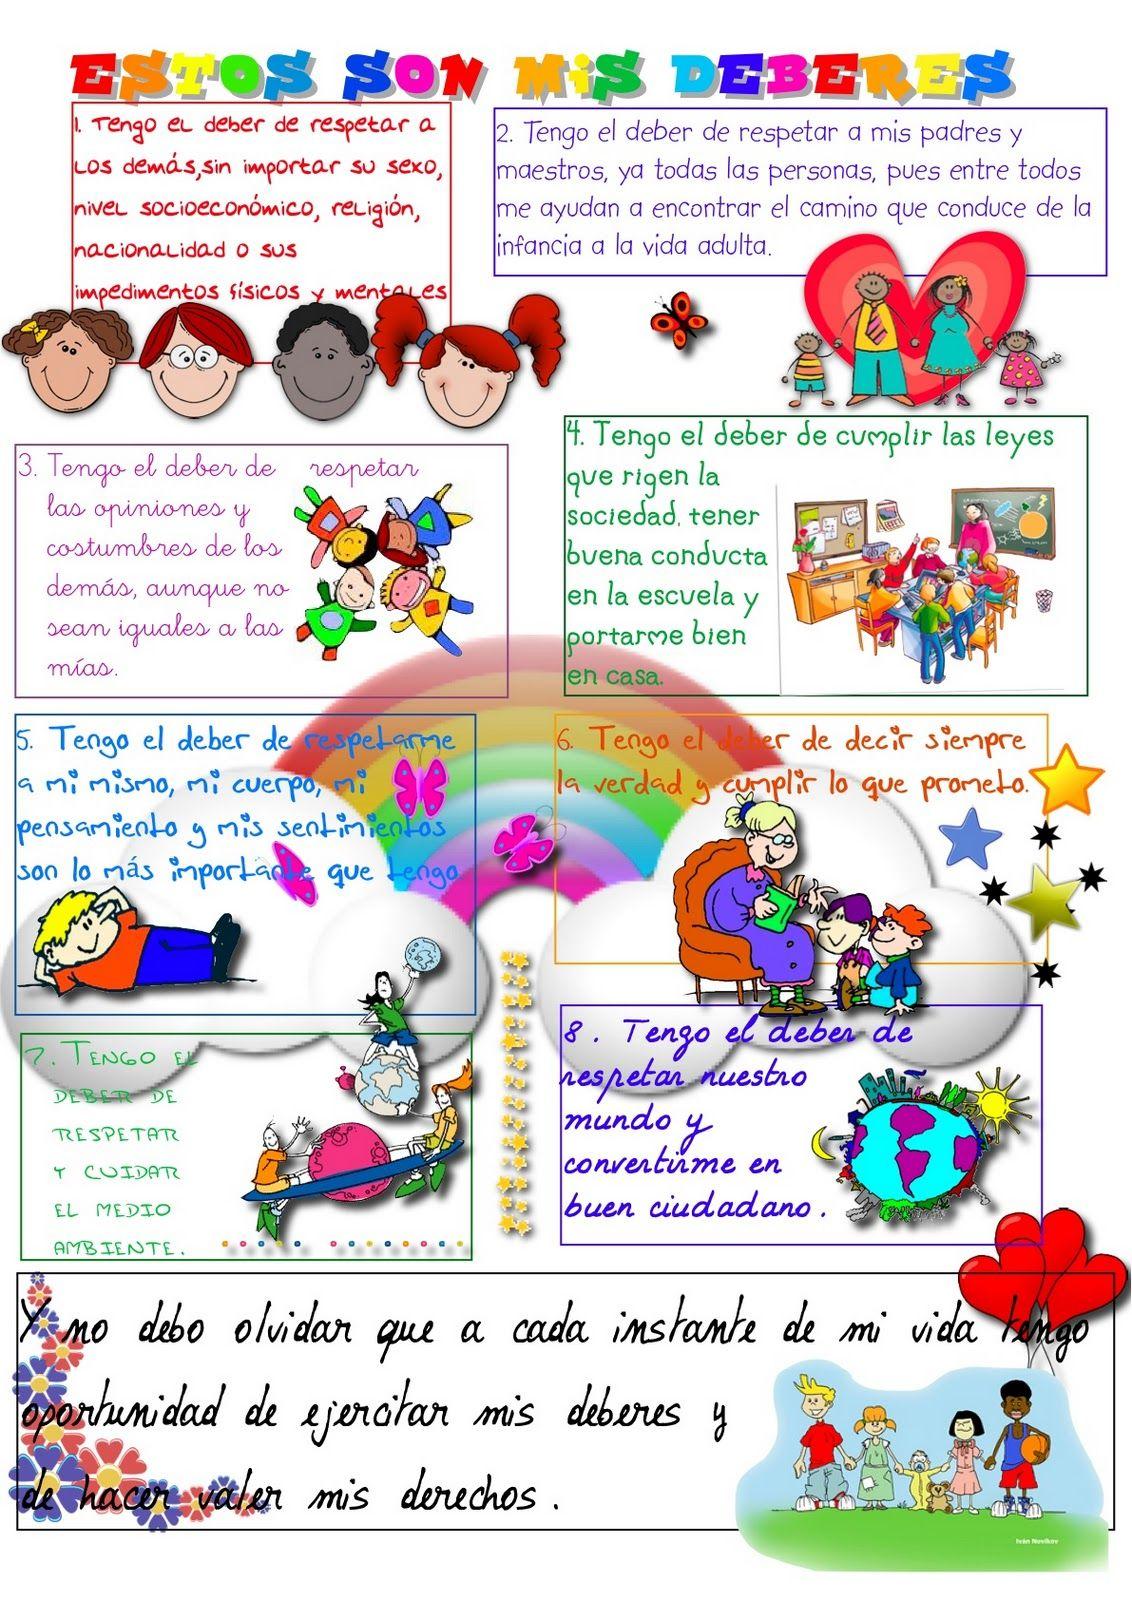 Derechos Y Deberes Del Niño Deberes De Los Niños Obligaciones Del Niño Derechos De Los Niños